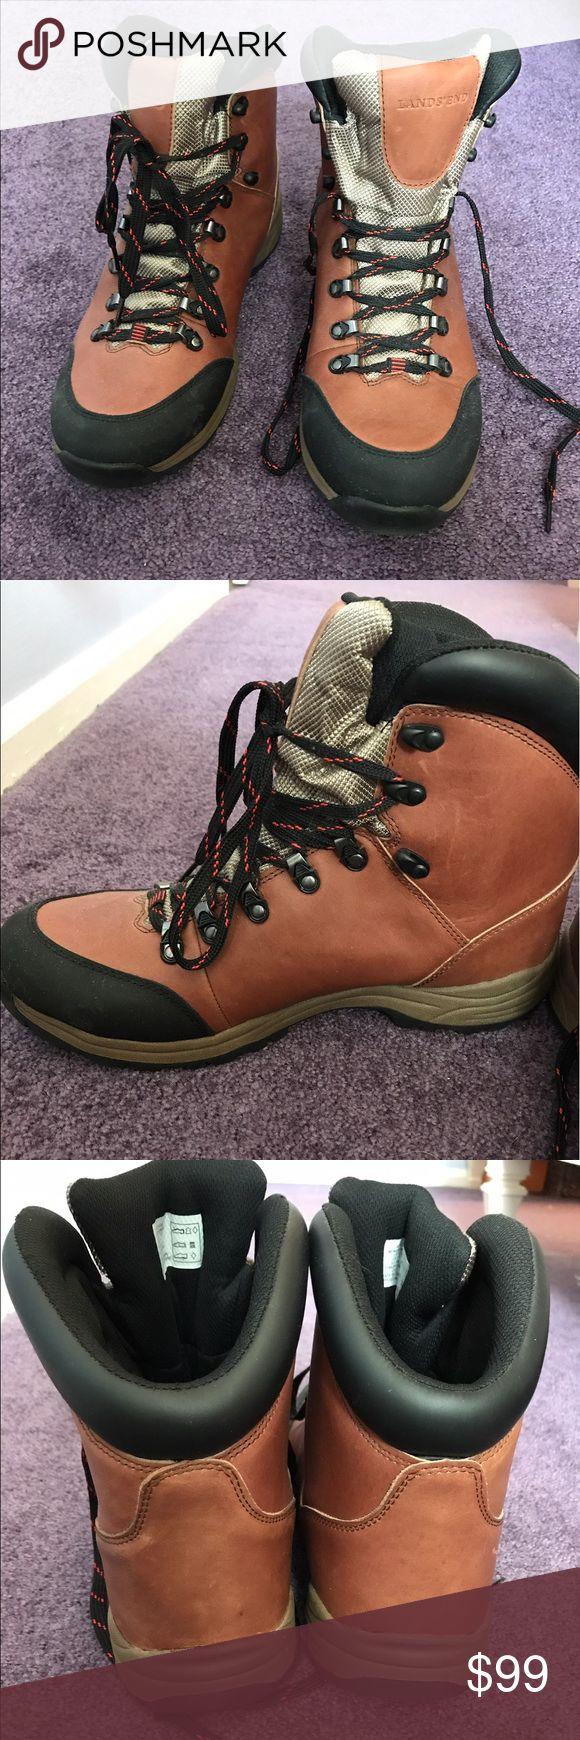 Lands End Men's Snow Boots Men's Waterproof snow boots. Never worn! Perfect condition! Lands' End Shoes Rain & Snow Boots